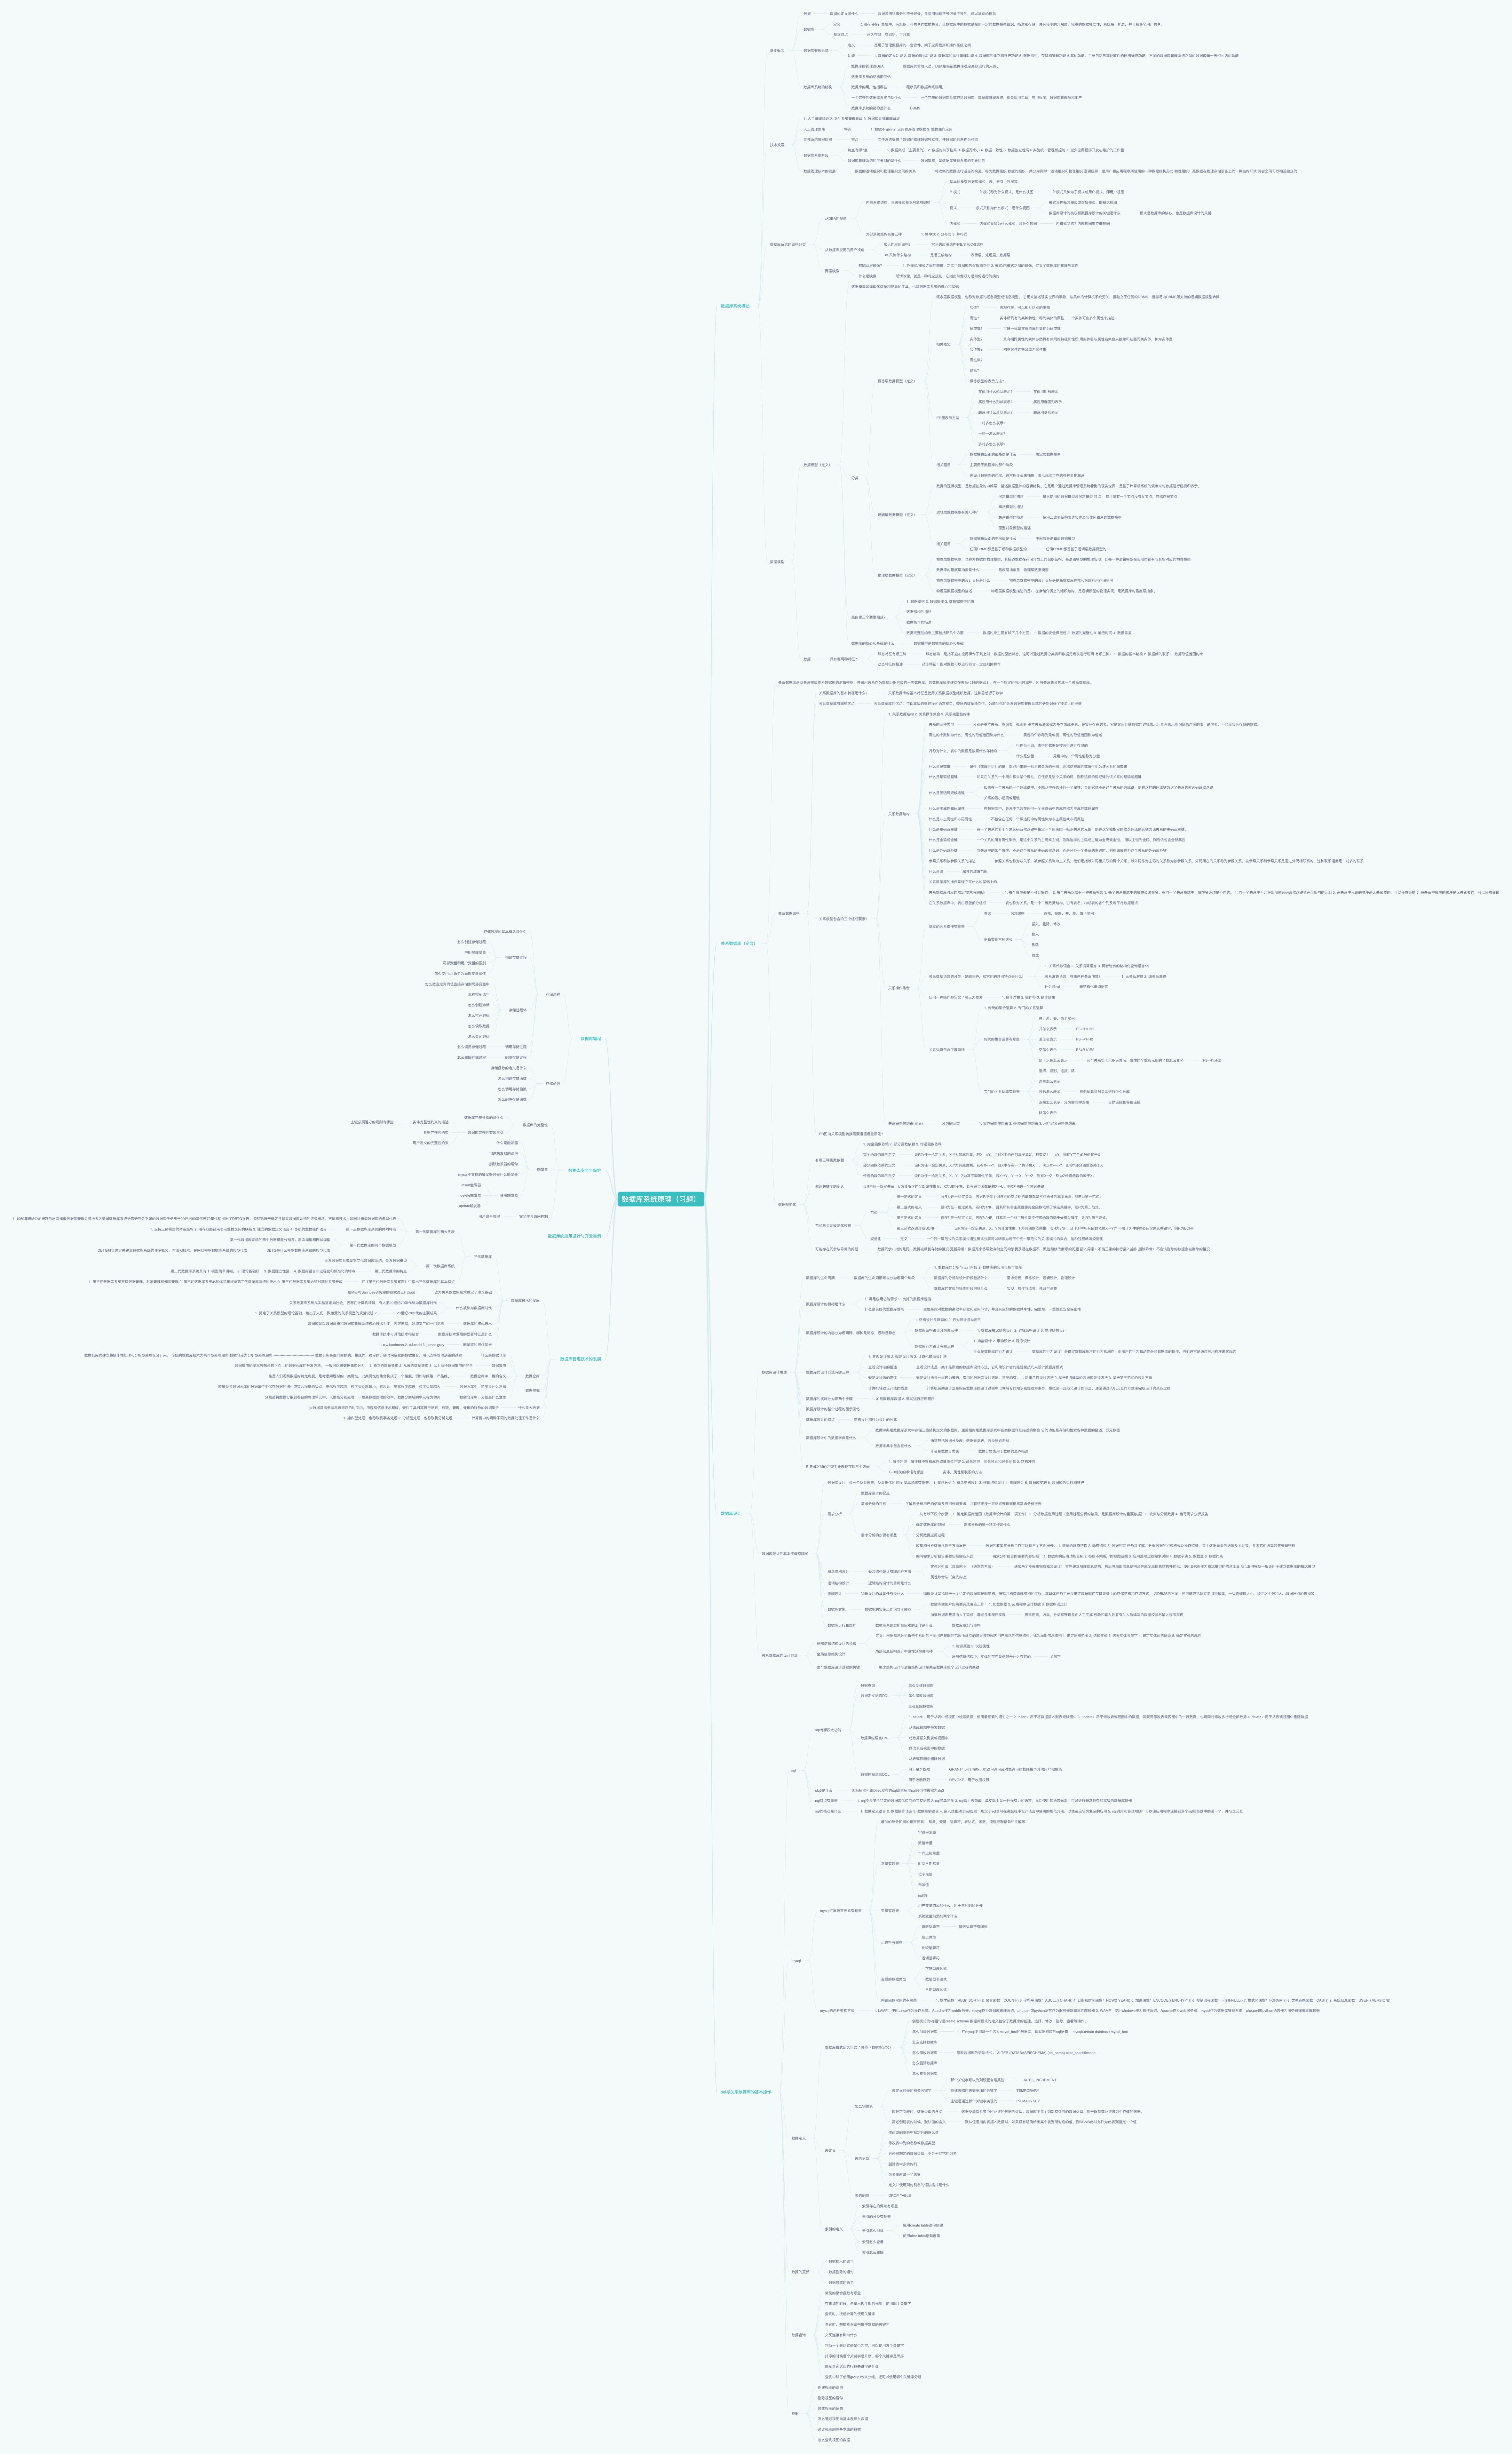 数据库系统原理(代码04735)